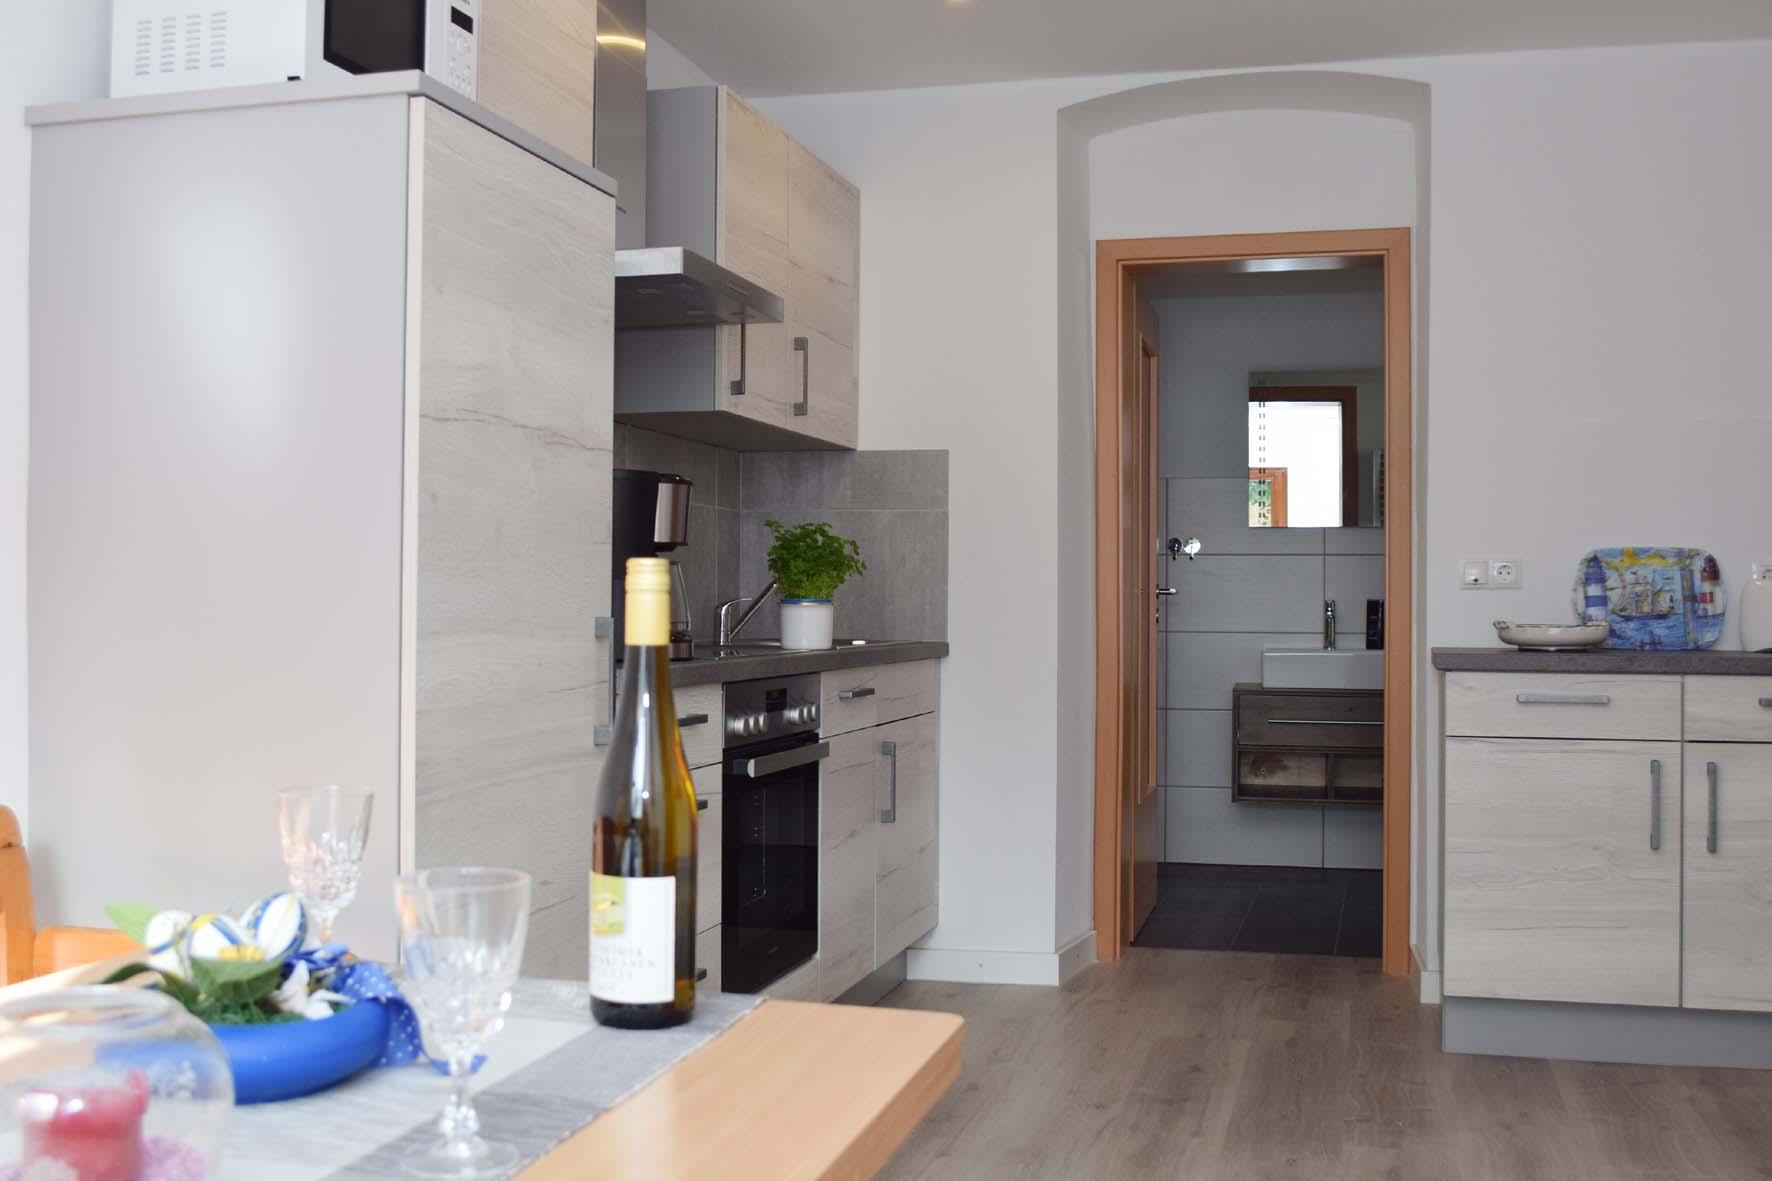 Küche und Zugang zum Bad